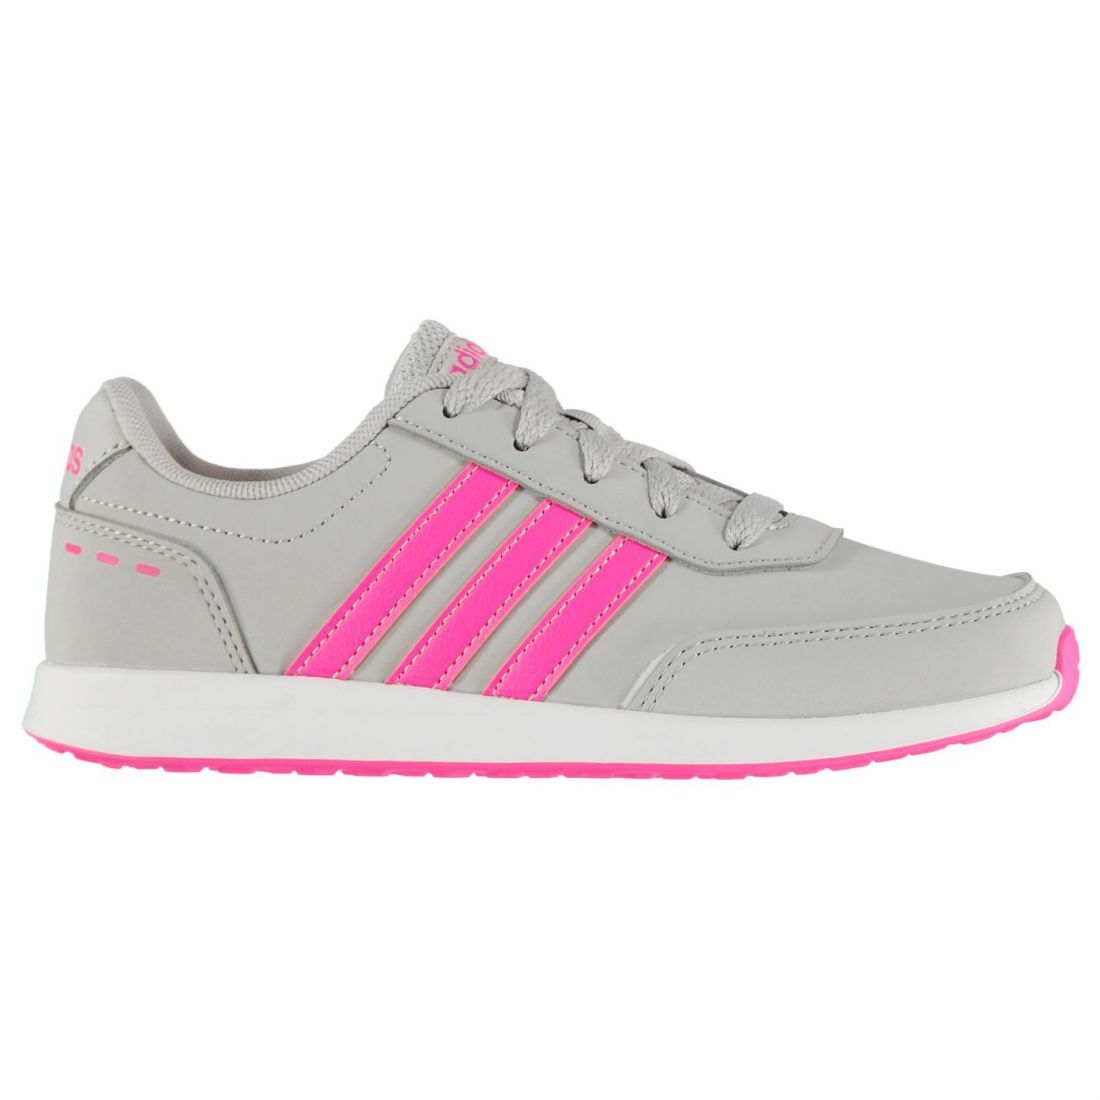 Adidas Switch Ragazze Scarpe Da Ginnastica I Corridori Con Chiusura A Lacci-mostra Il Titolo Originale